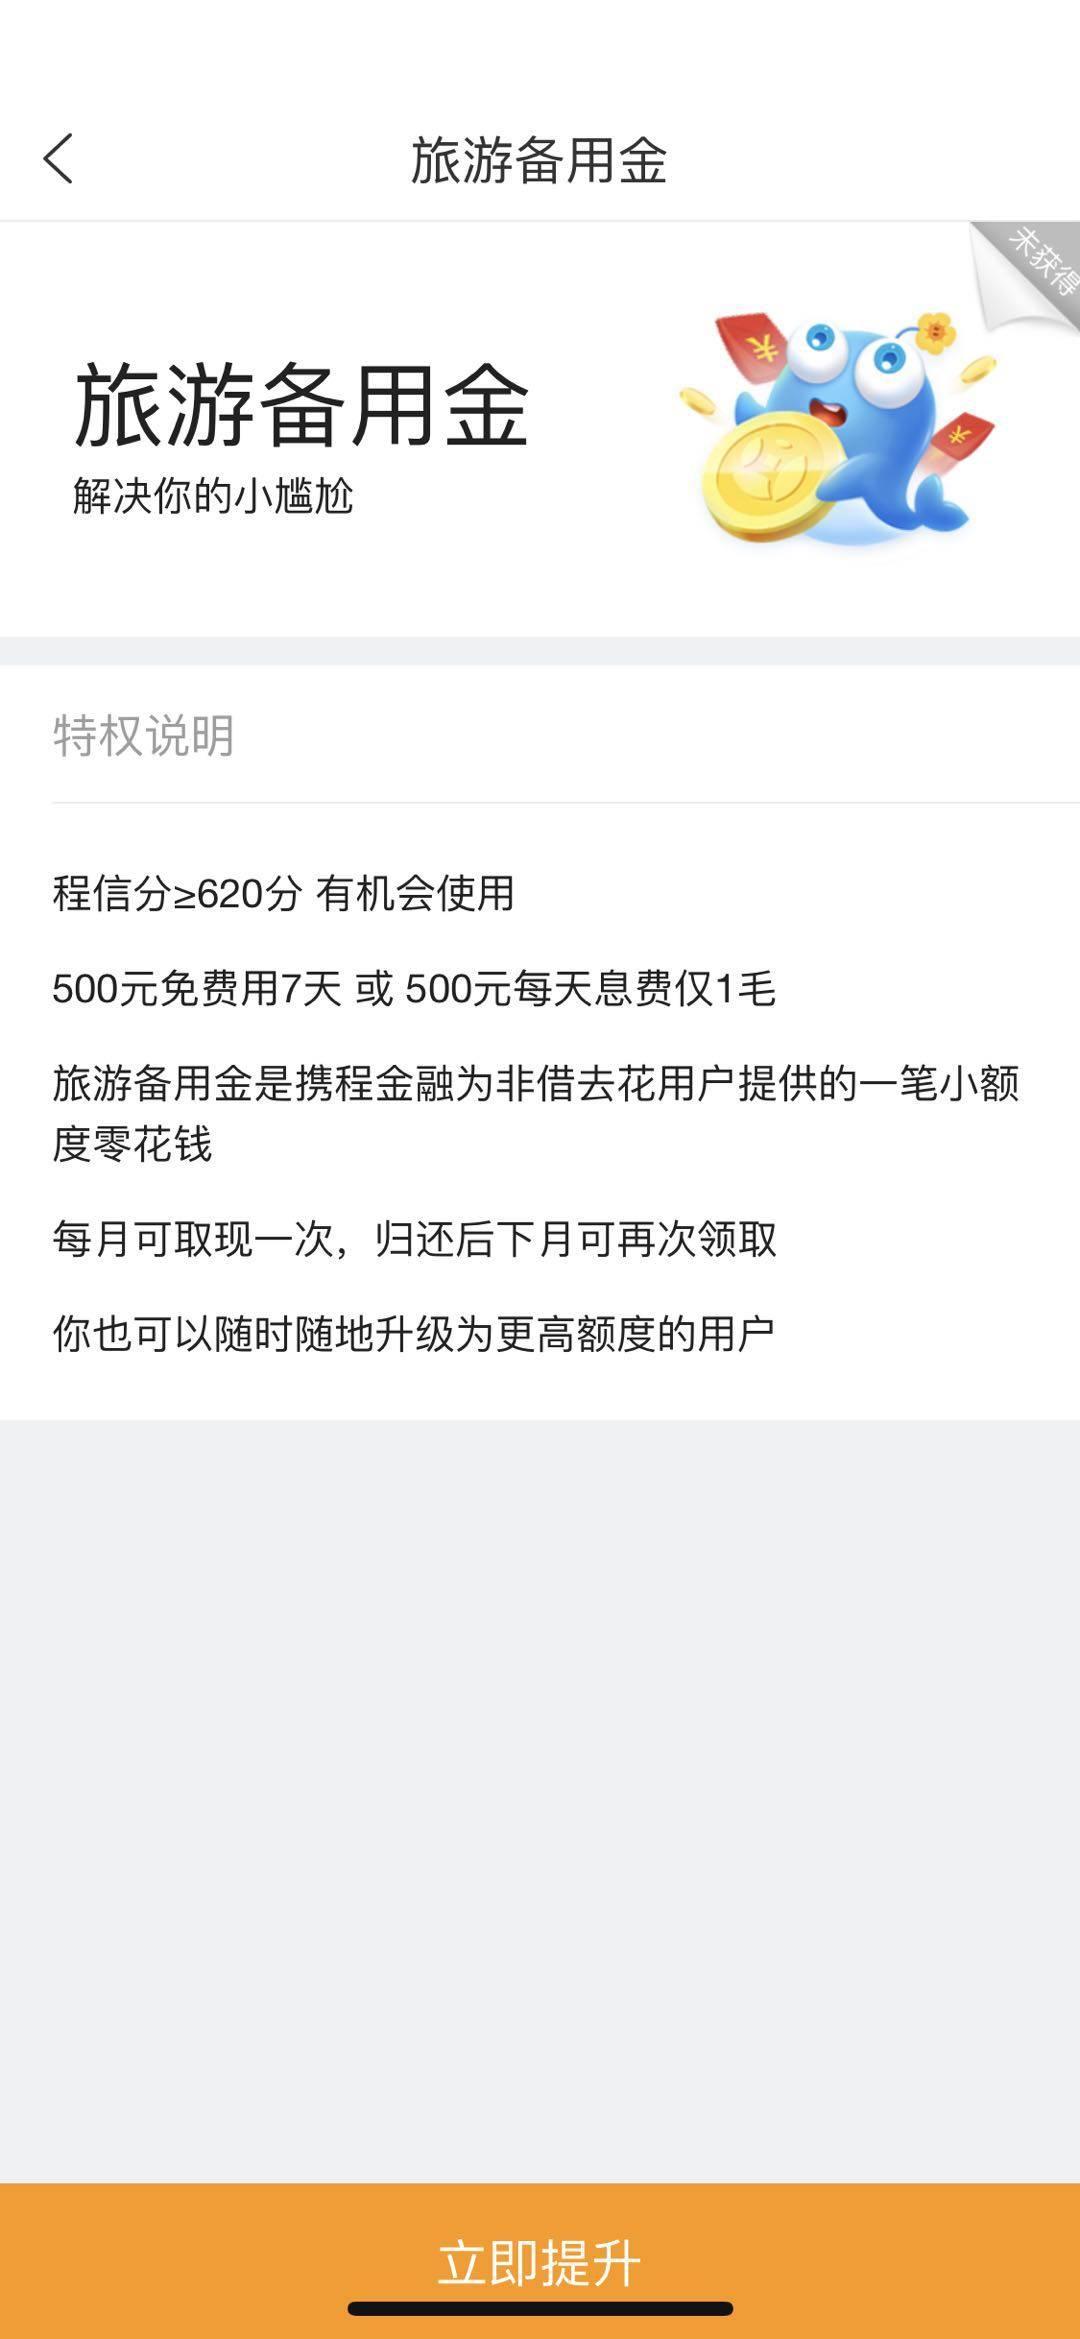 薅羊毛了!携程新备用金,借500元7天7毛利息!新户也可操作51 / 作者:飞泉鸣月 /